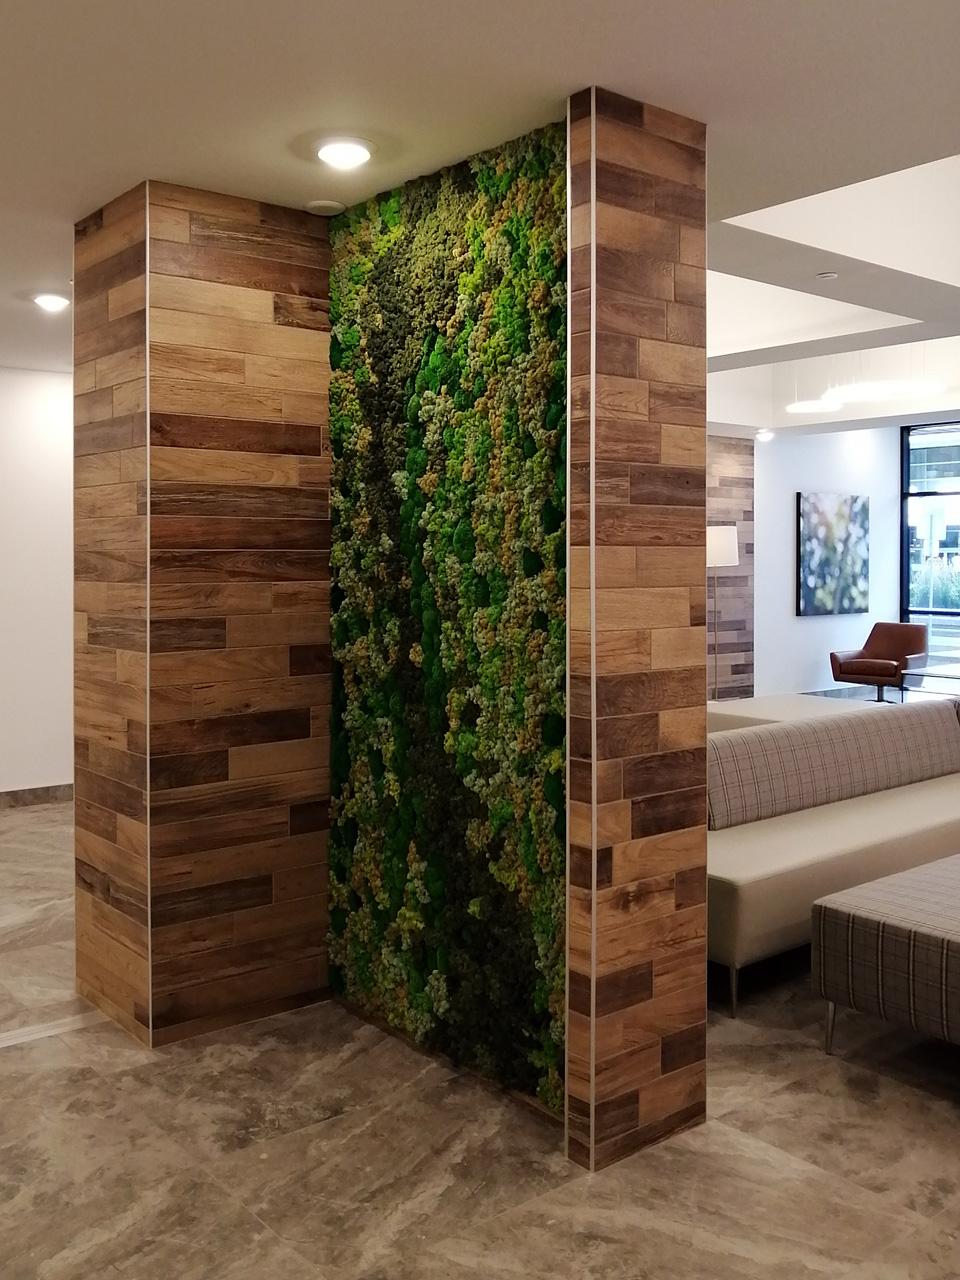 Vertical green moss wall in an Edmonton office